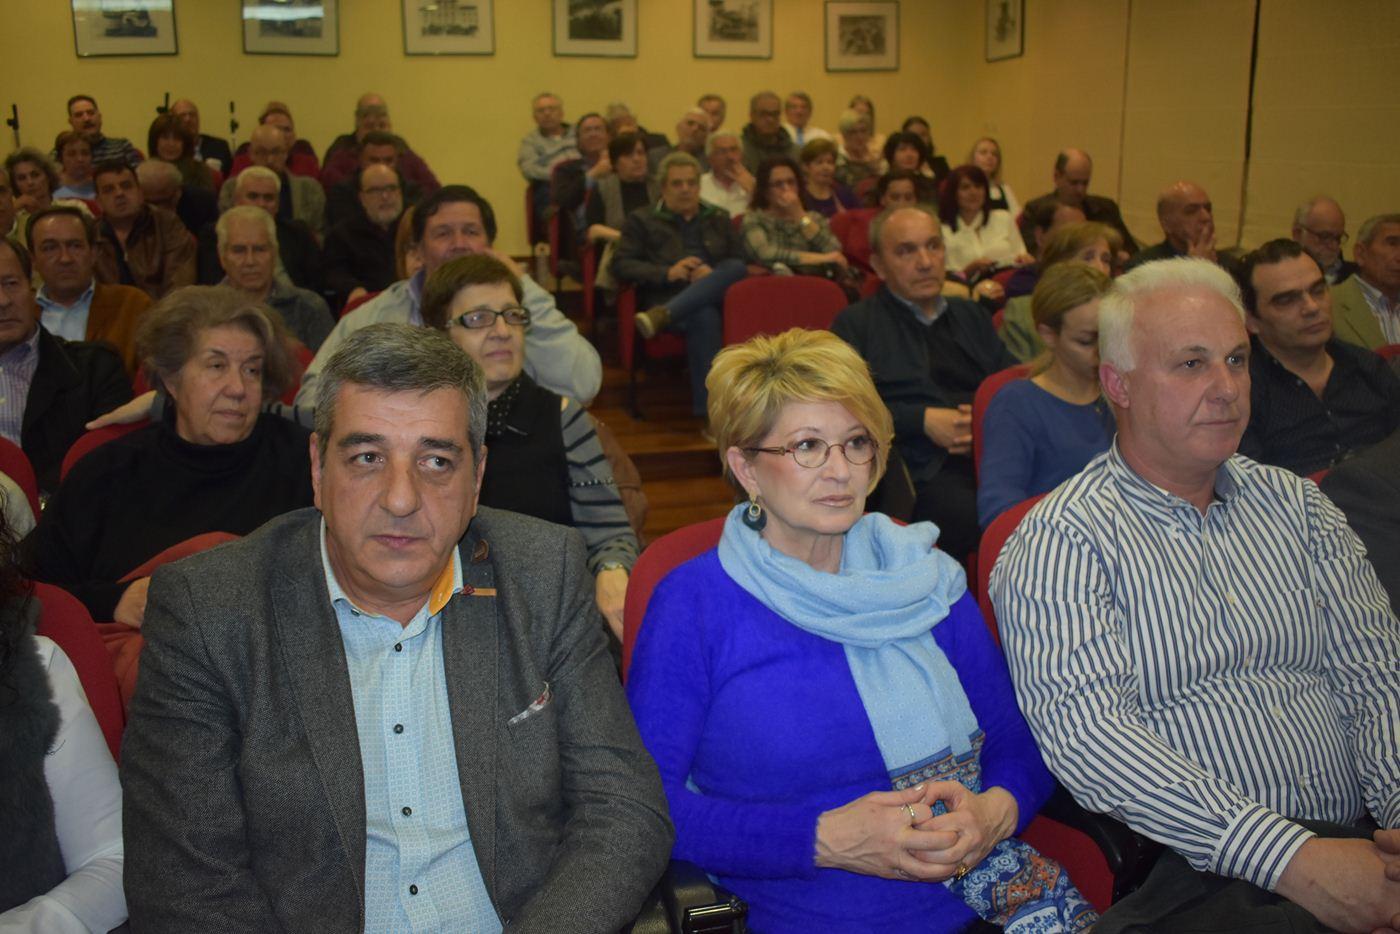 Αρβανίτης από Λάρισα: «Αυτές οι ευρωεκλογές είναι πολύ σημαντικές για την Ελλάδα και την Ευρώπη» (φωτο - βίντεο)